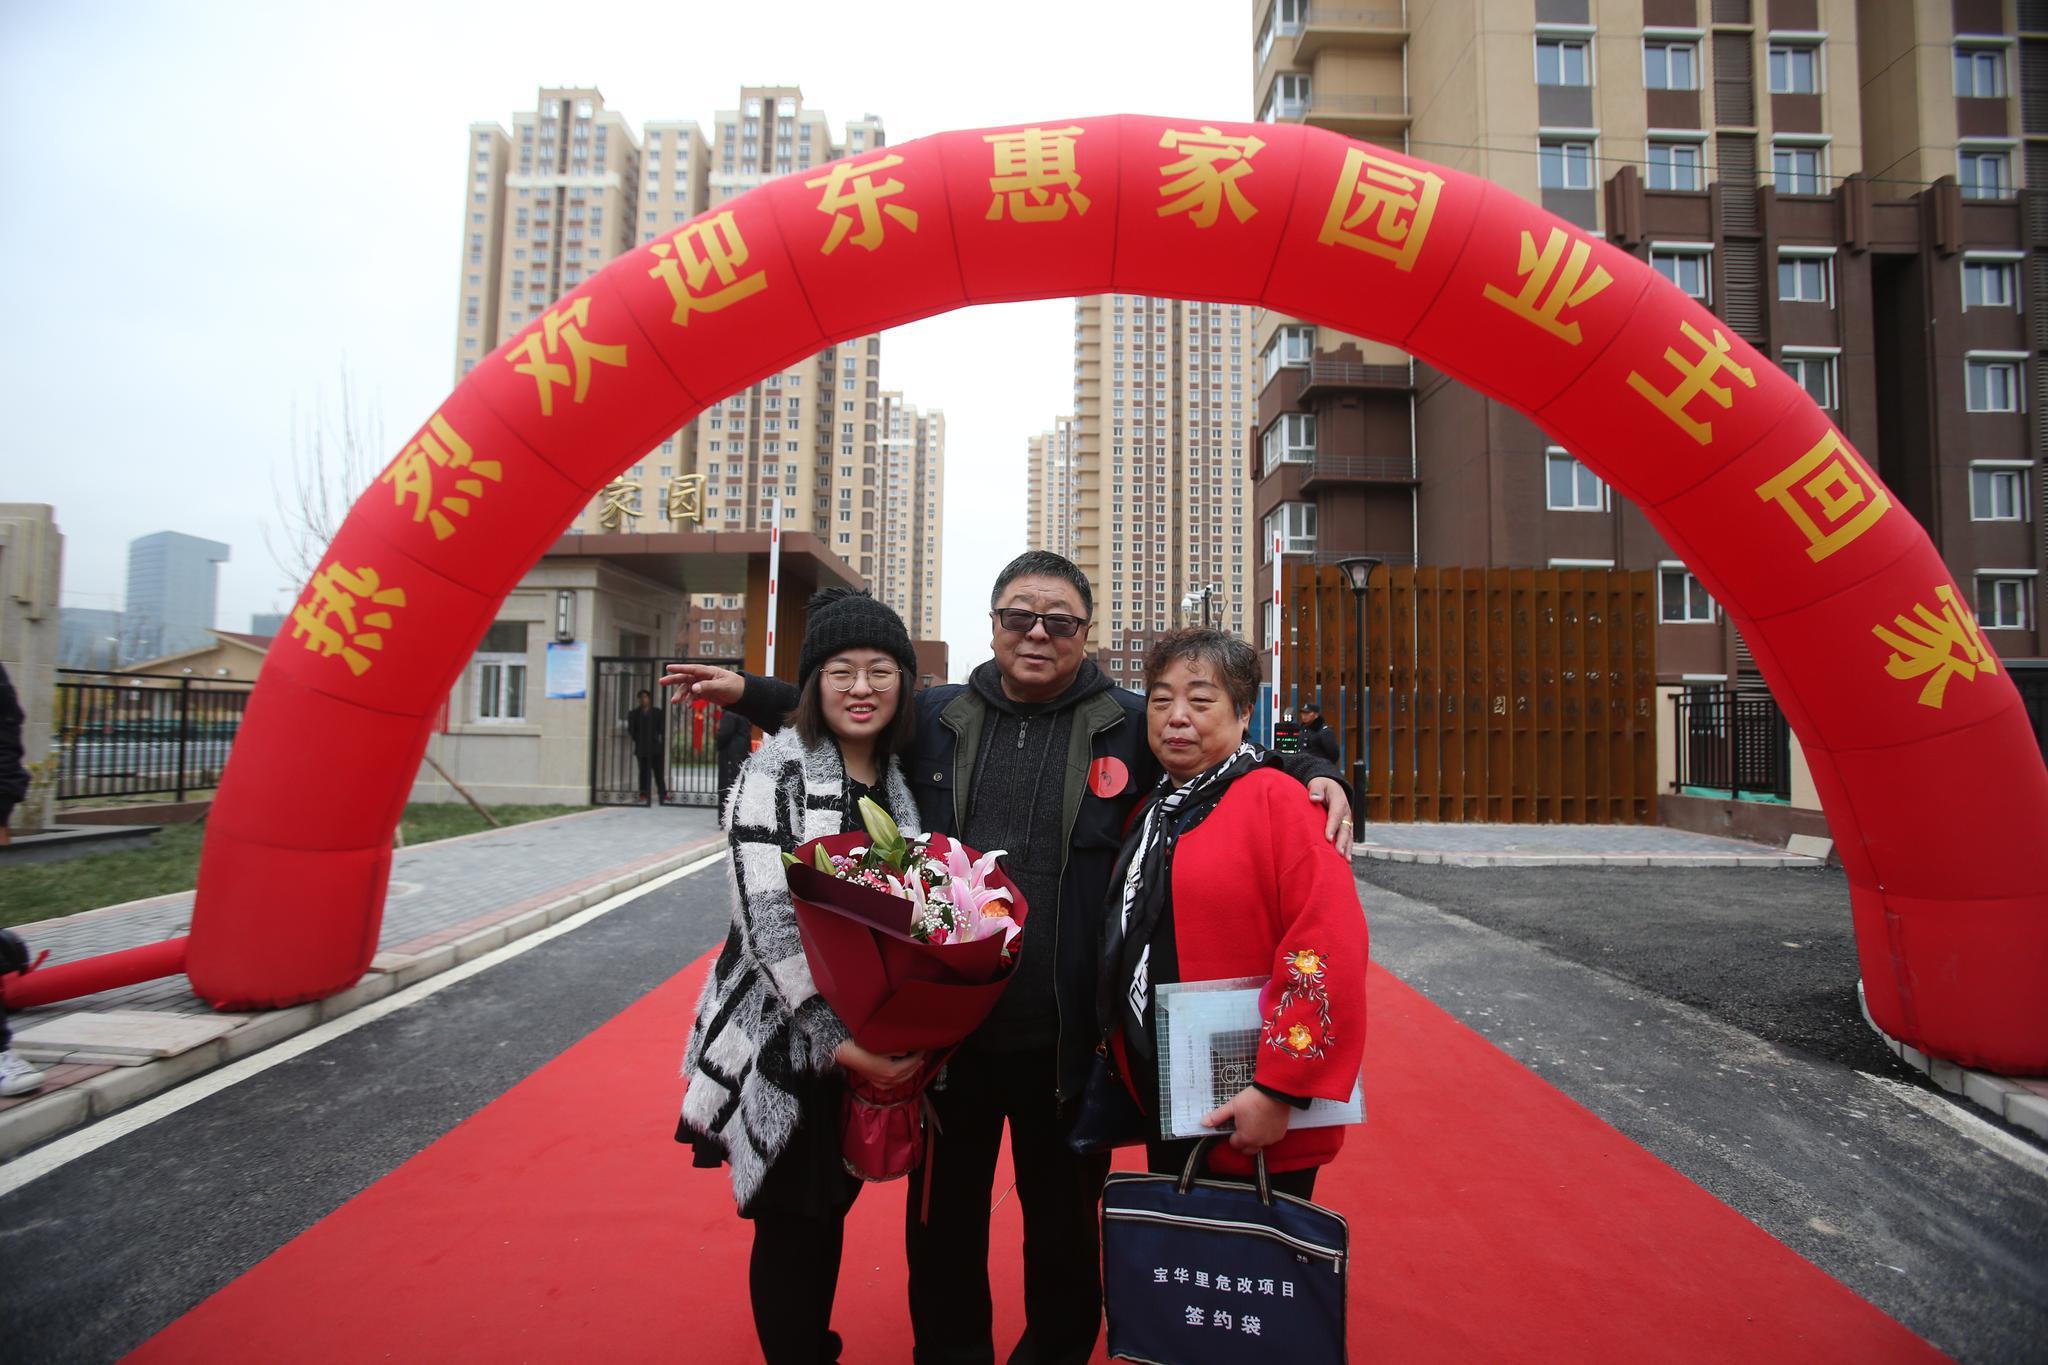 律师:要求别国制裁香港等于叛国